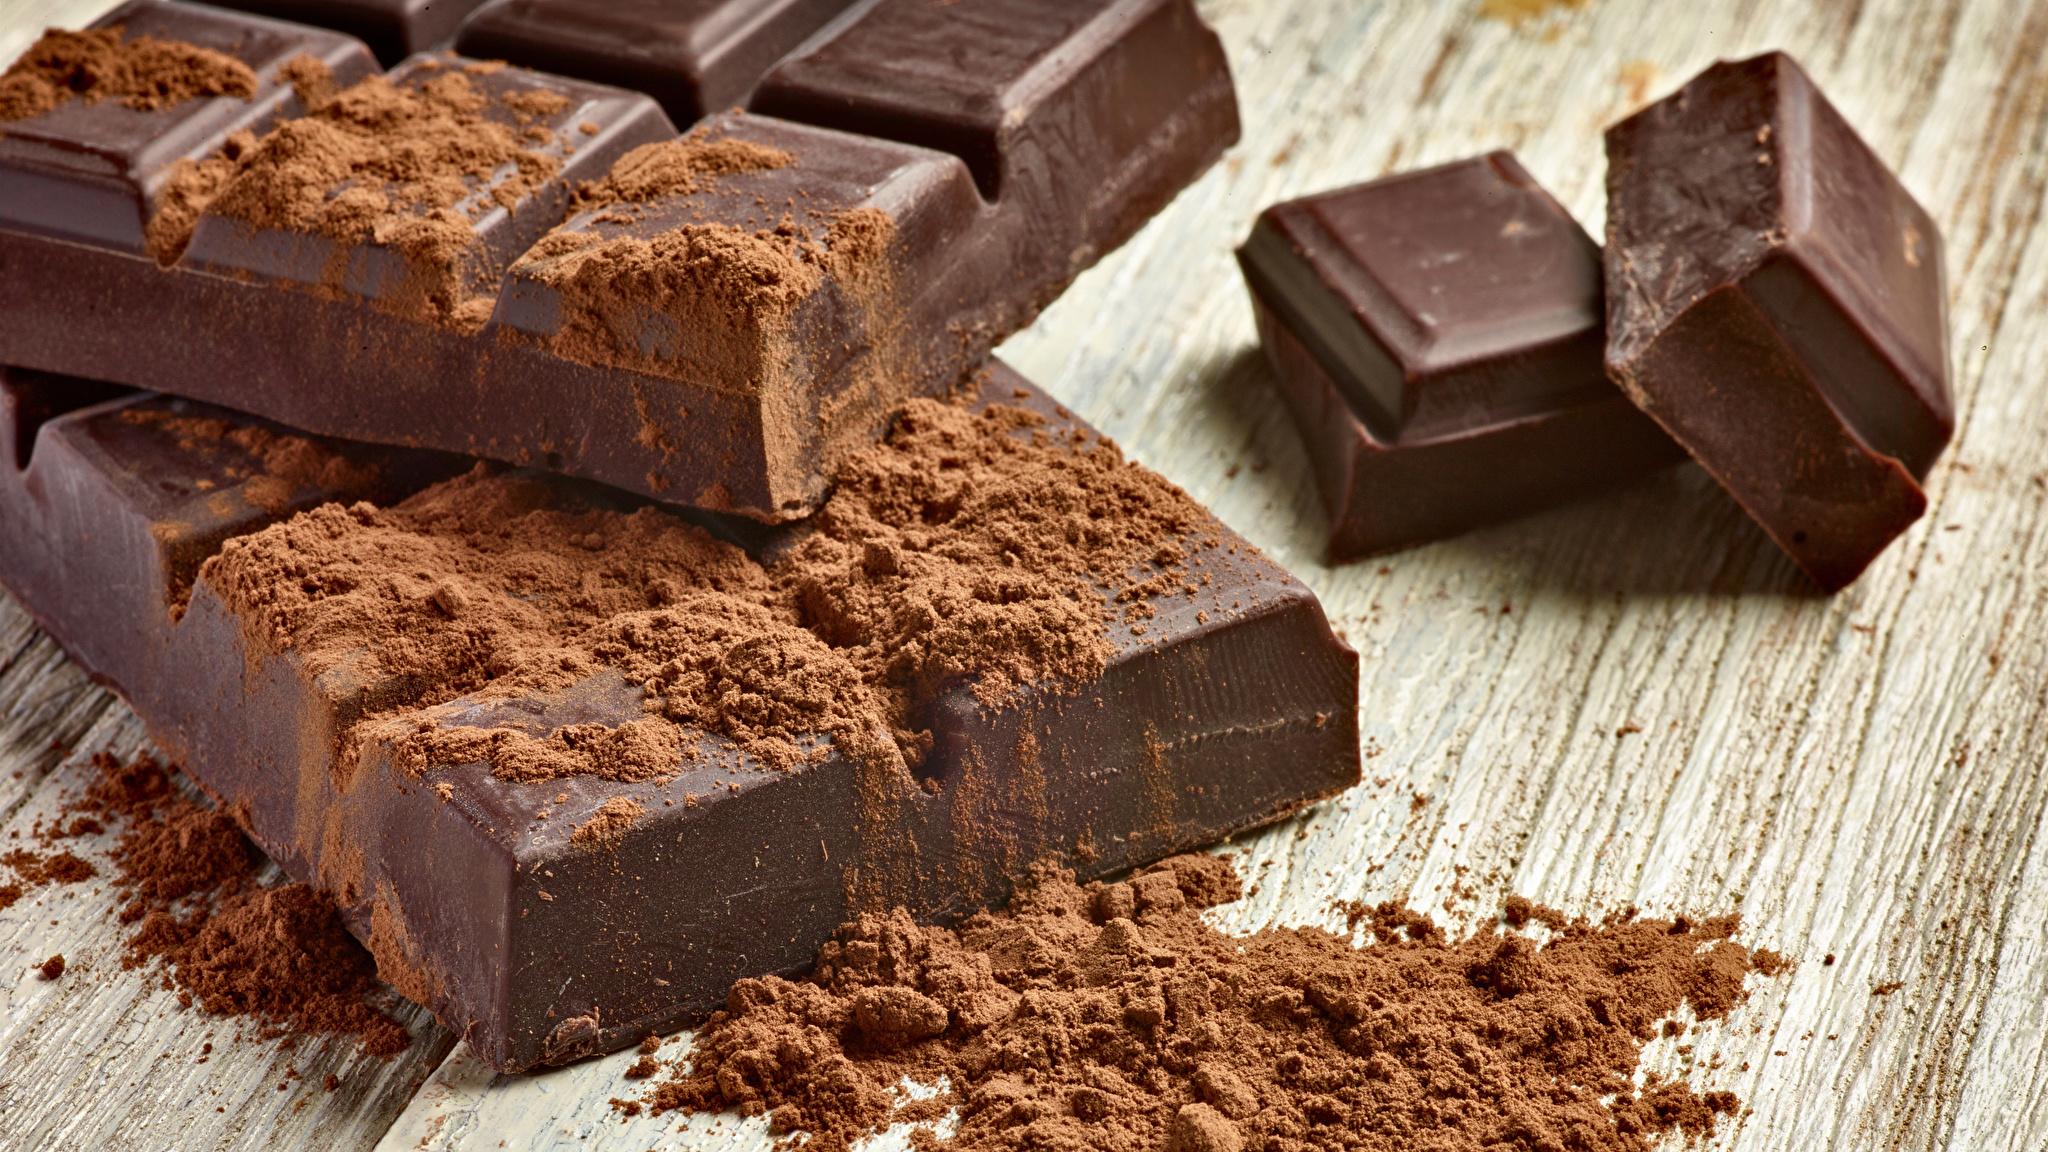 Bilder von Lebensmittel Schokolade Bretter Kakaopulver Süßware Schokoladentafel 2048x1152 Süßigkeiten